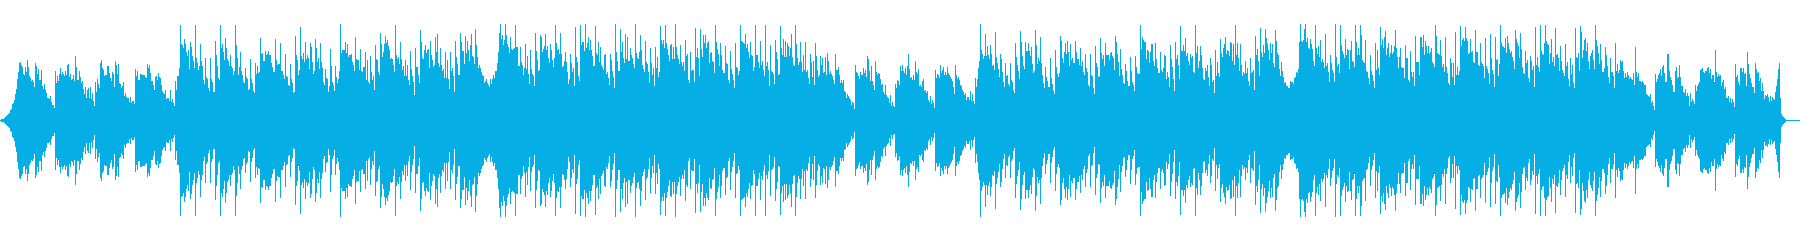 切ない・感動・哀愁・口笛・エレキギターの再生済みの波形